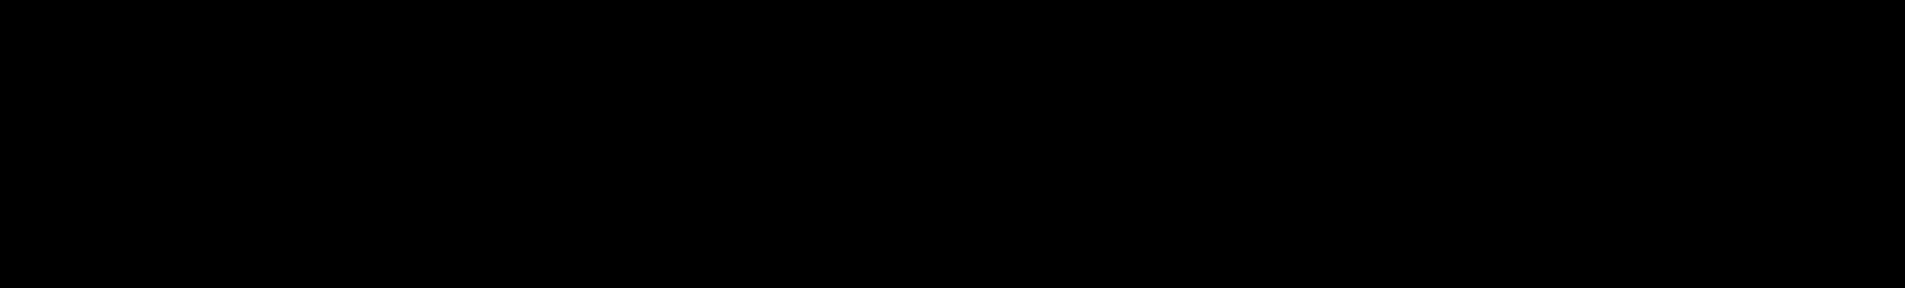 1905x288 Curlicue Liberty Zen